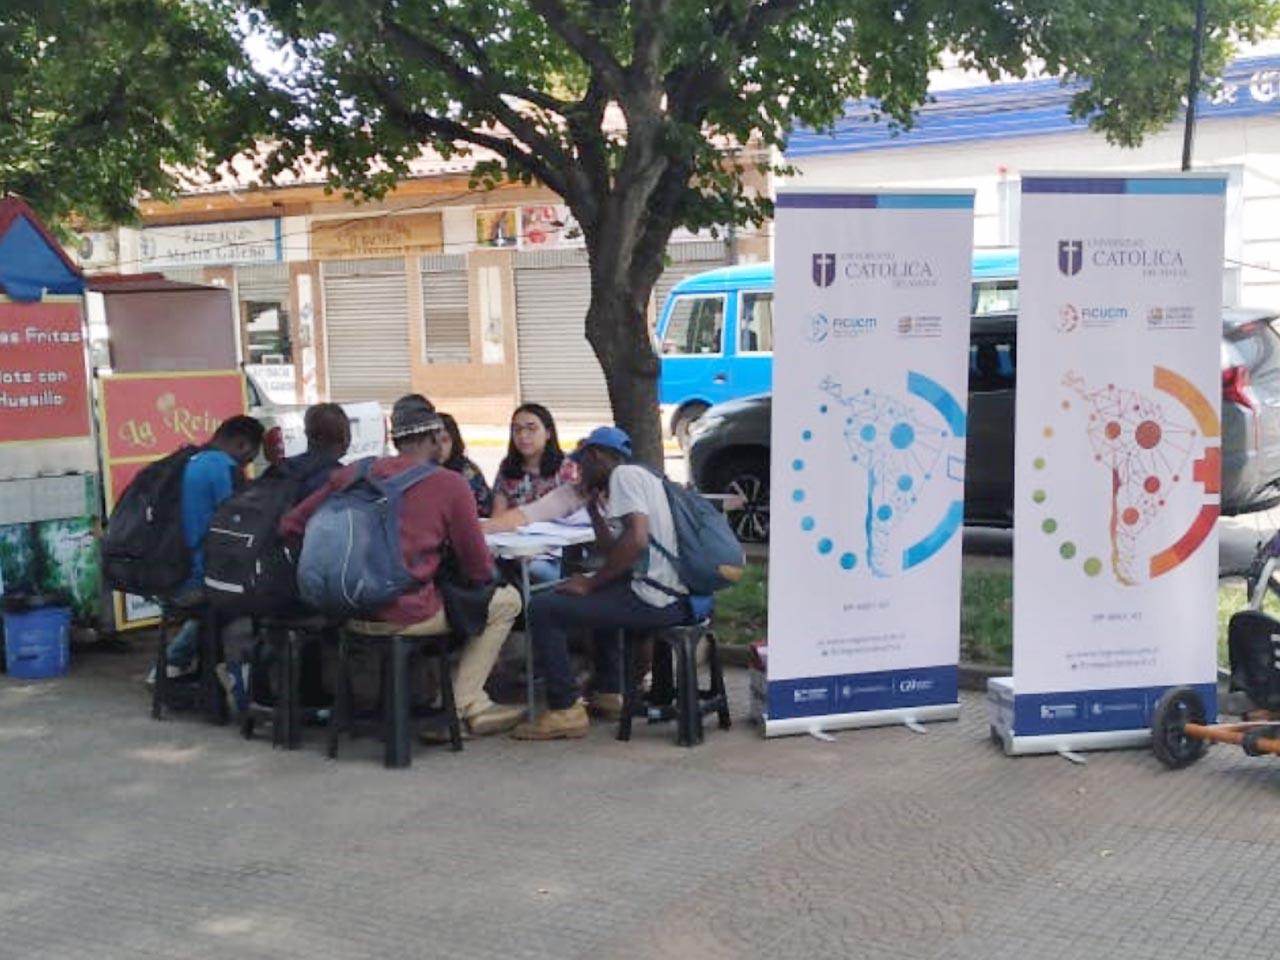 Más de 400 migrantes han colaborado en investigación sobre temáticas de Educación y Salud